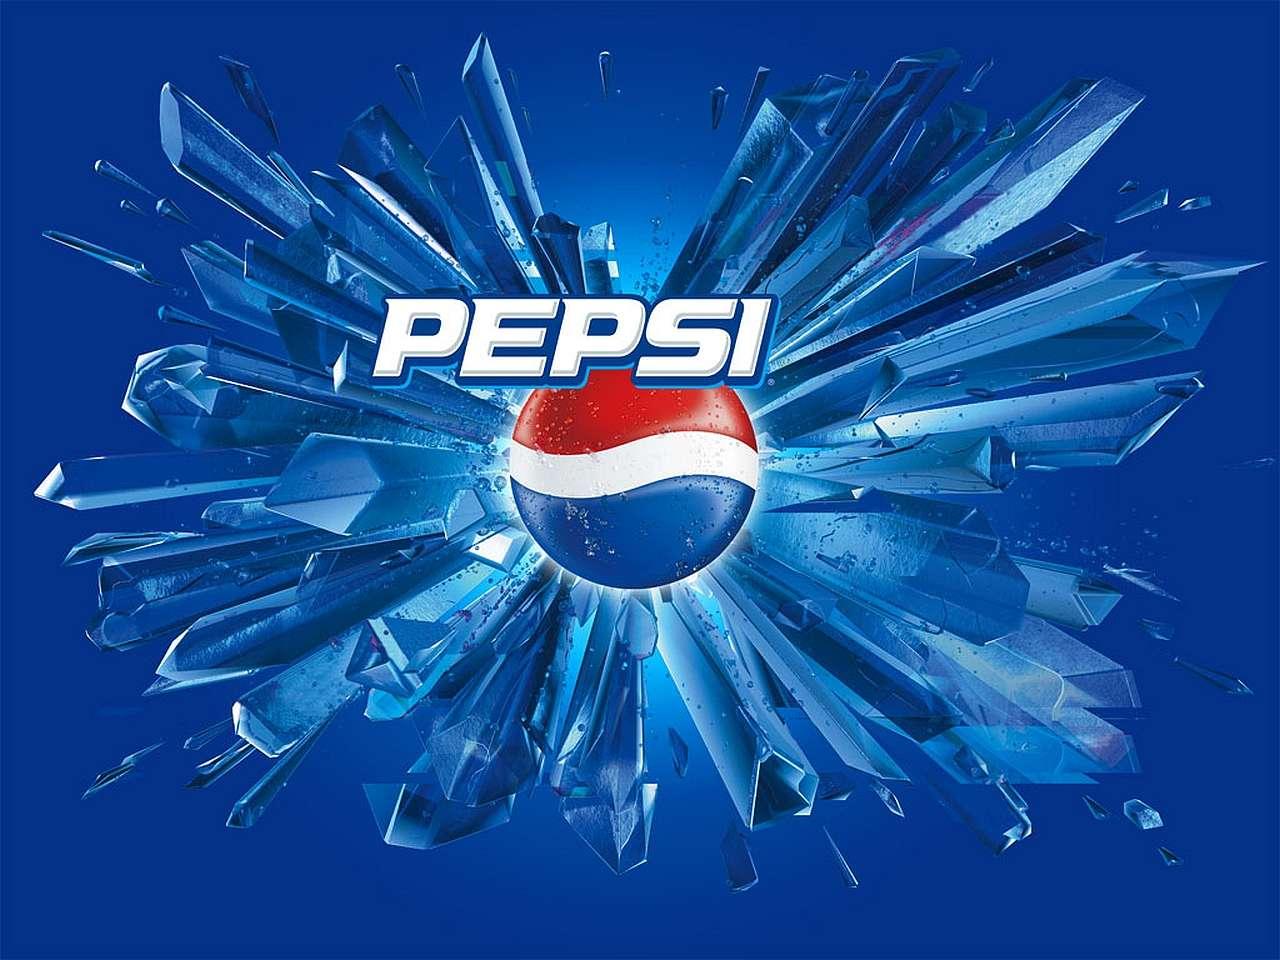 Проблемы у Pepsi или до чего доходит человеческая наглость?